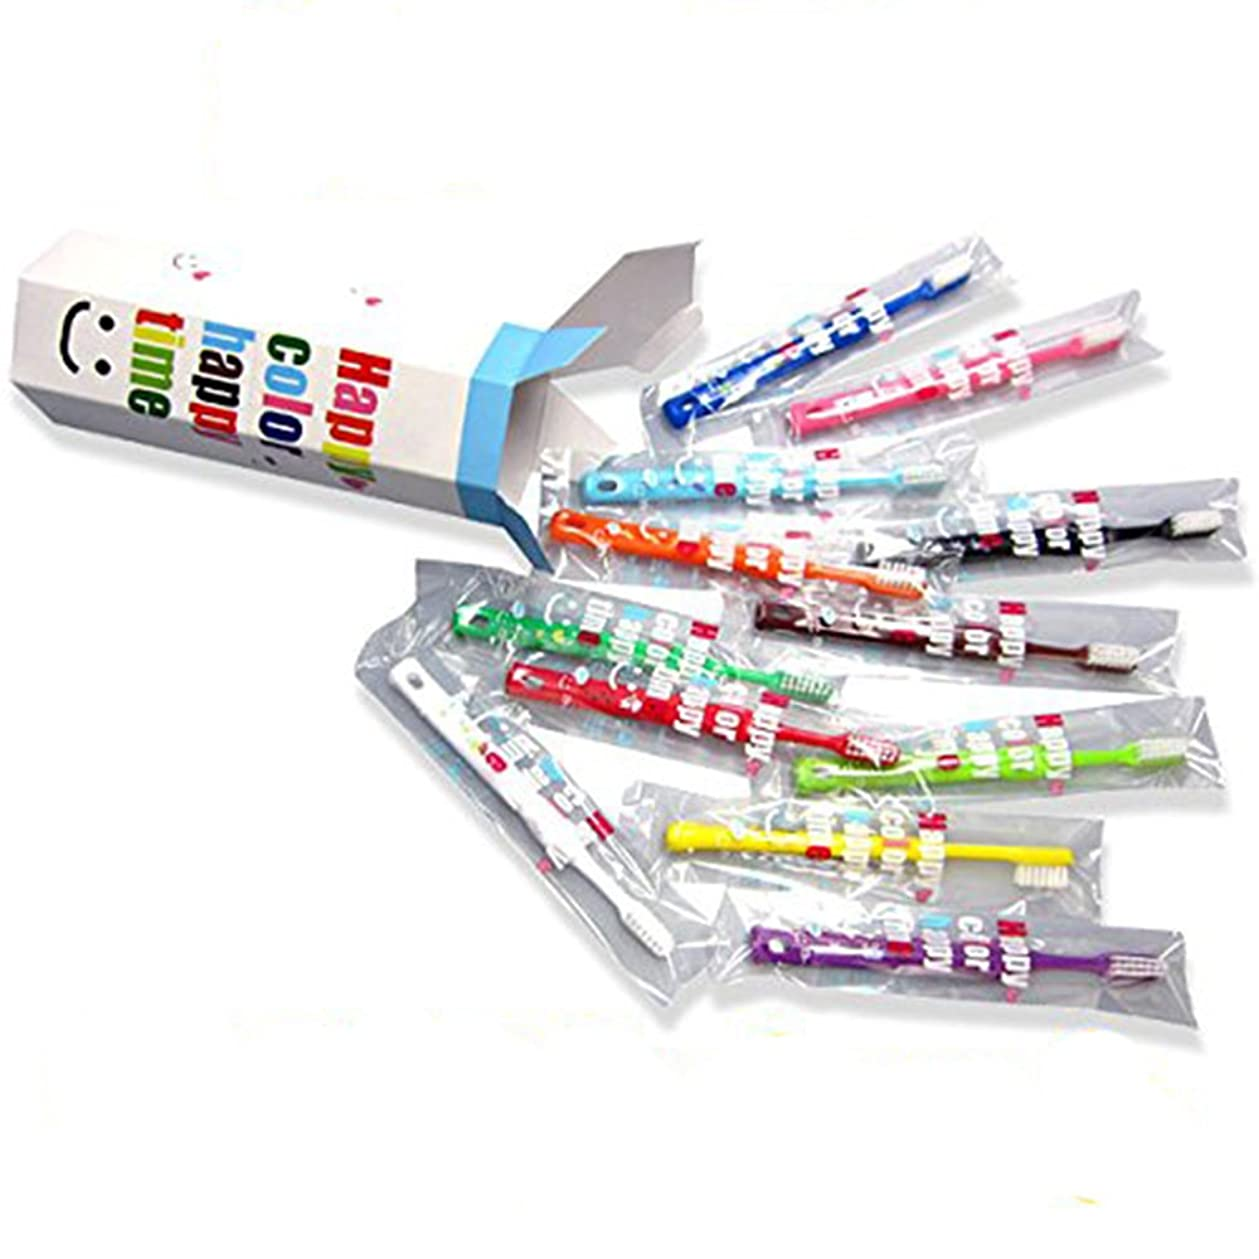 振動させるケニアトランジスタラピス 子供 歯ブラシ ラピス LA-210 ハッピーカラー12色 ?ジュニア用? 歯ブラシ セット 単品106